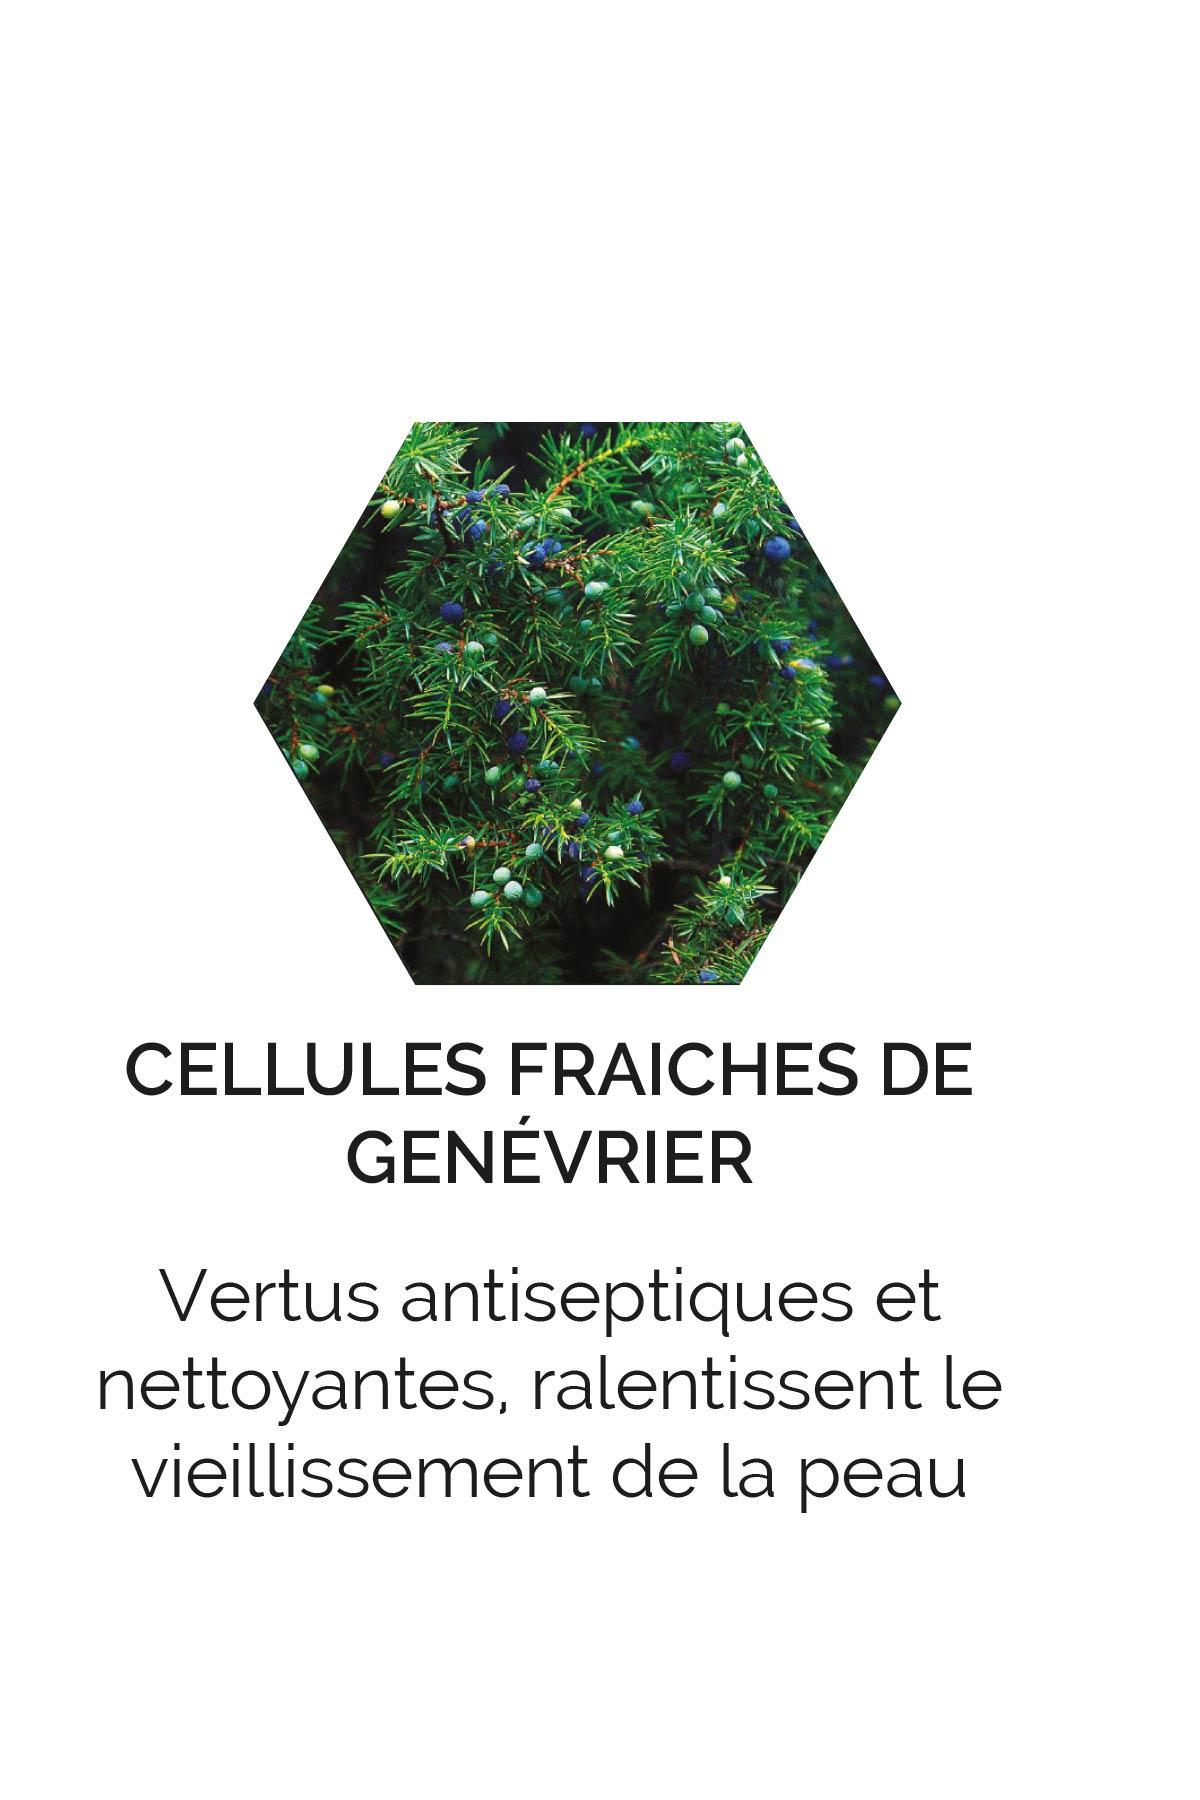 Cellules fraîches de Genévrier